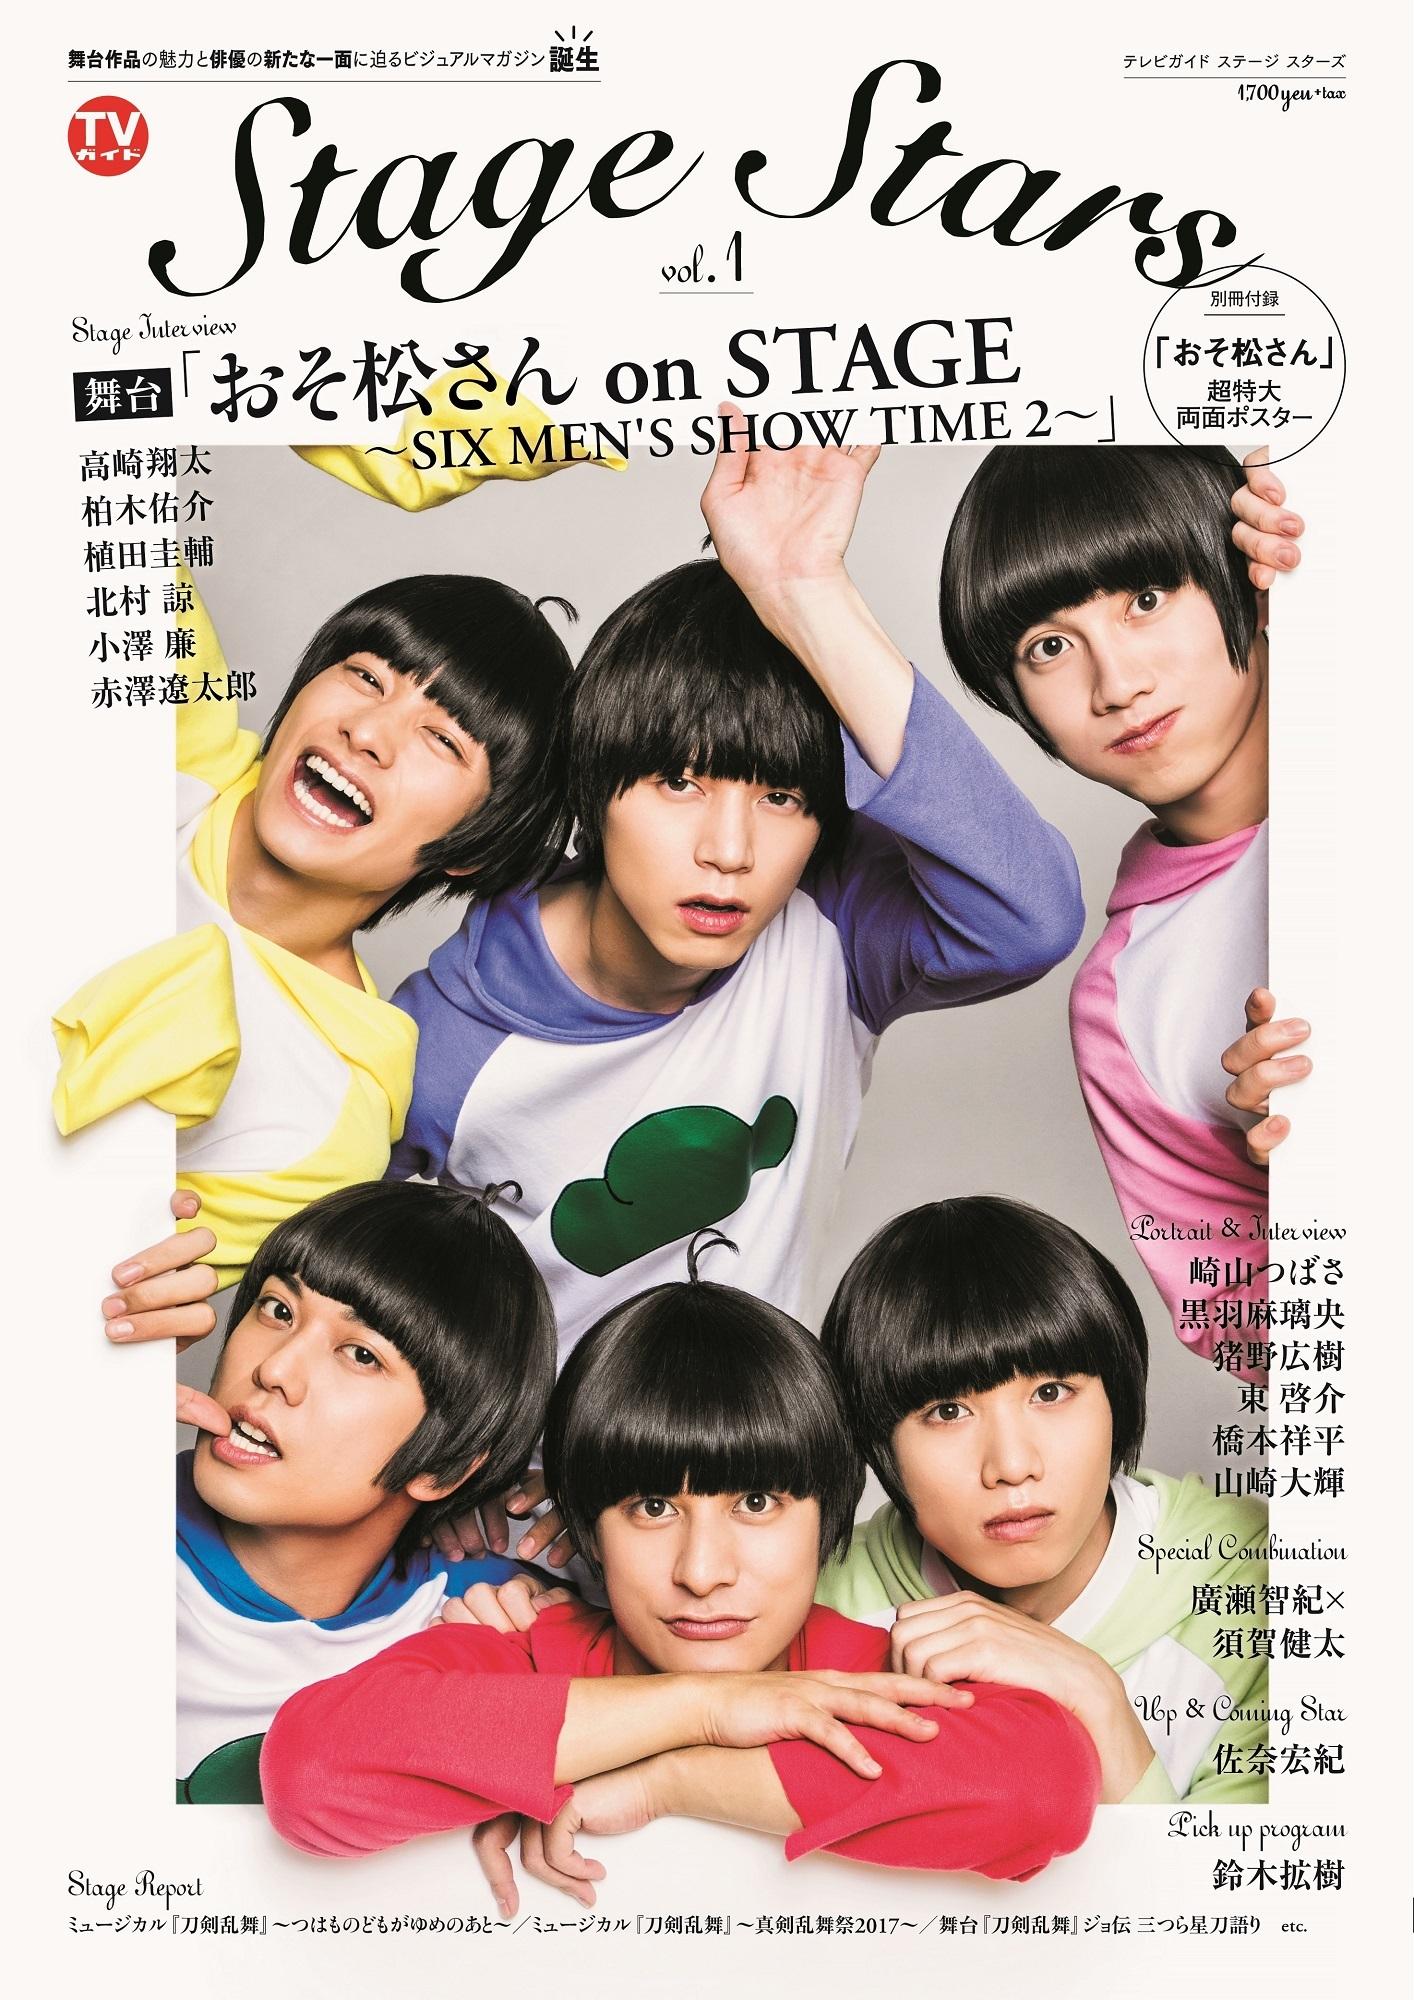 「TVガイド Stage Stars vol.1」